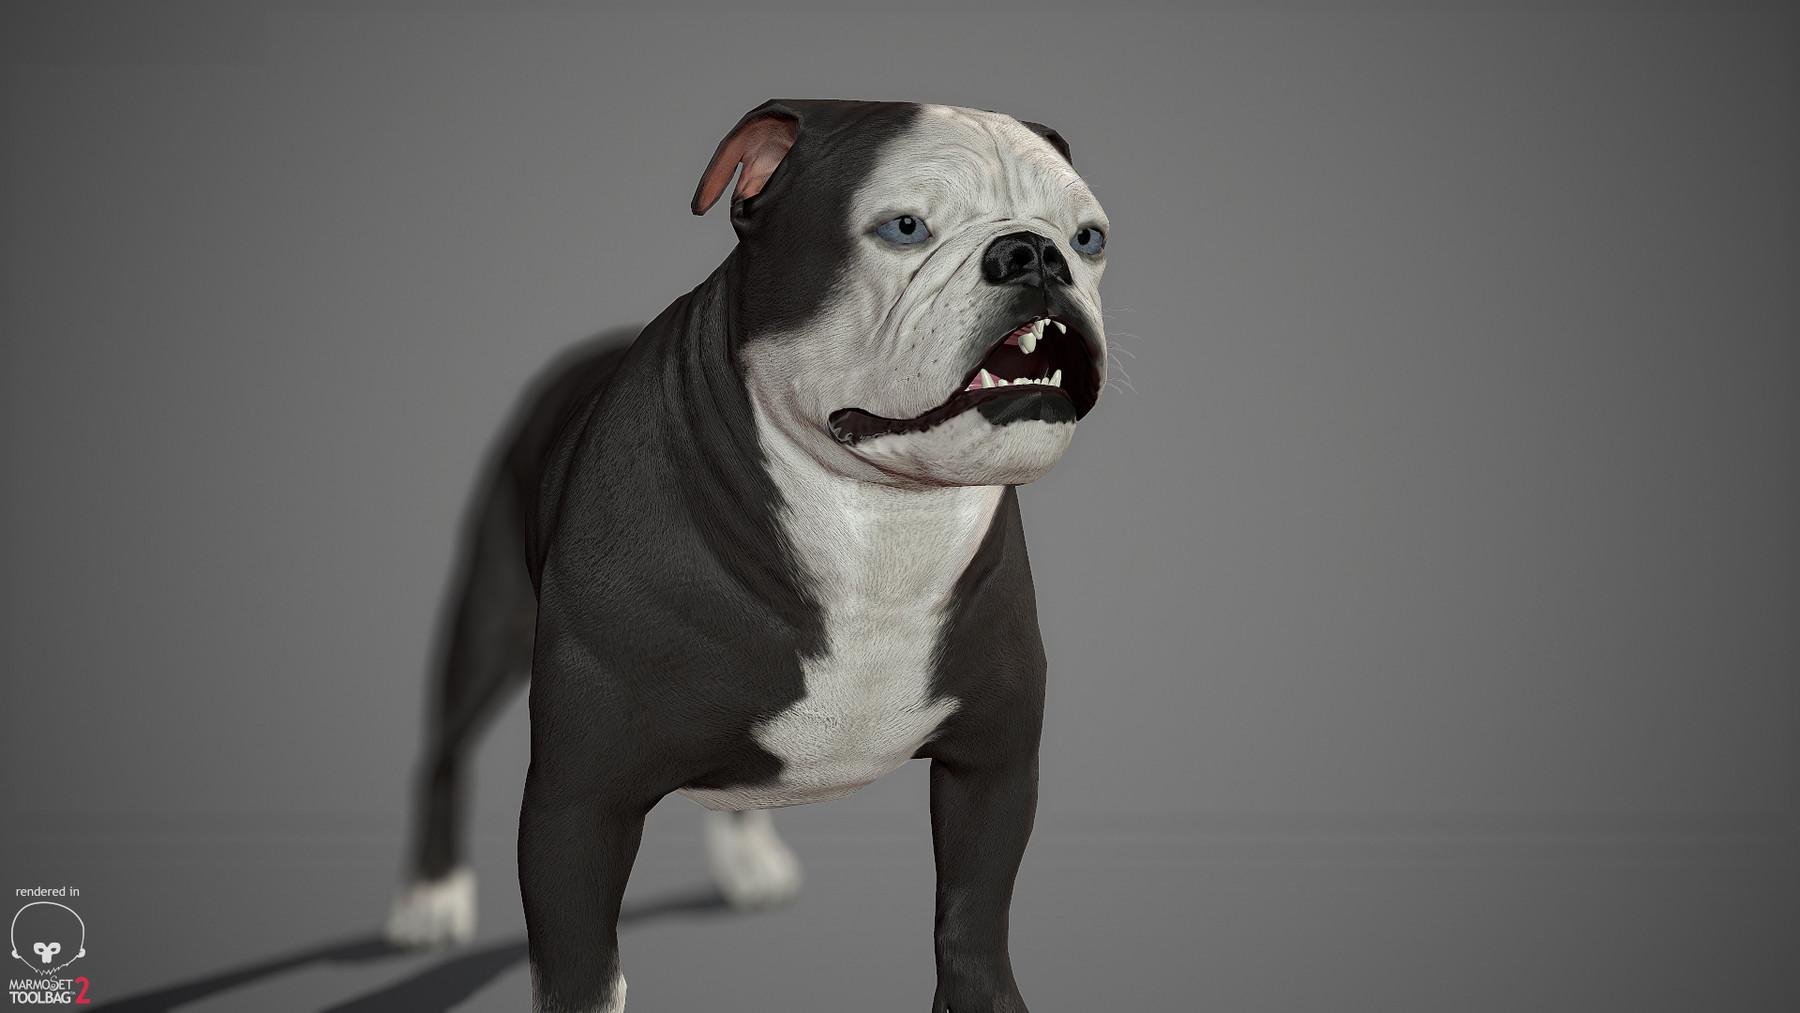 Englishbulldog by alexlashko marmoset 19